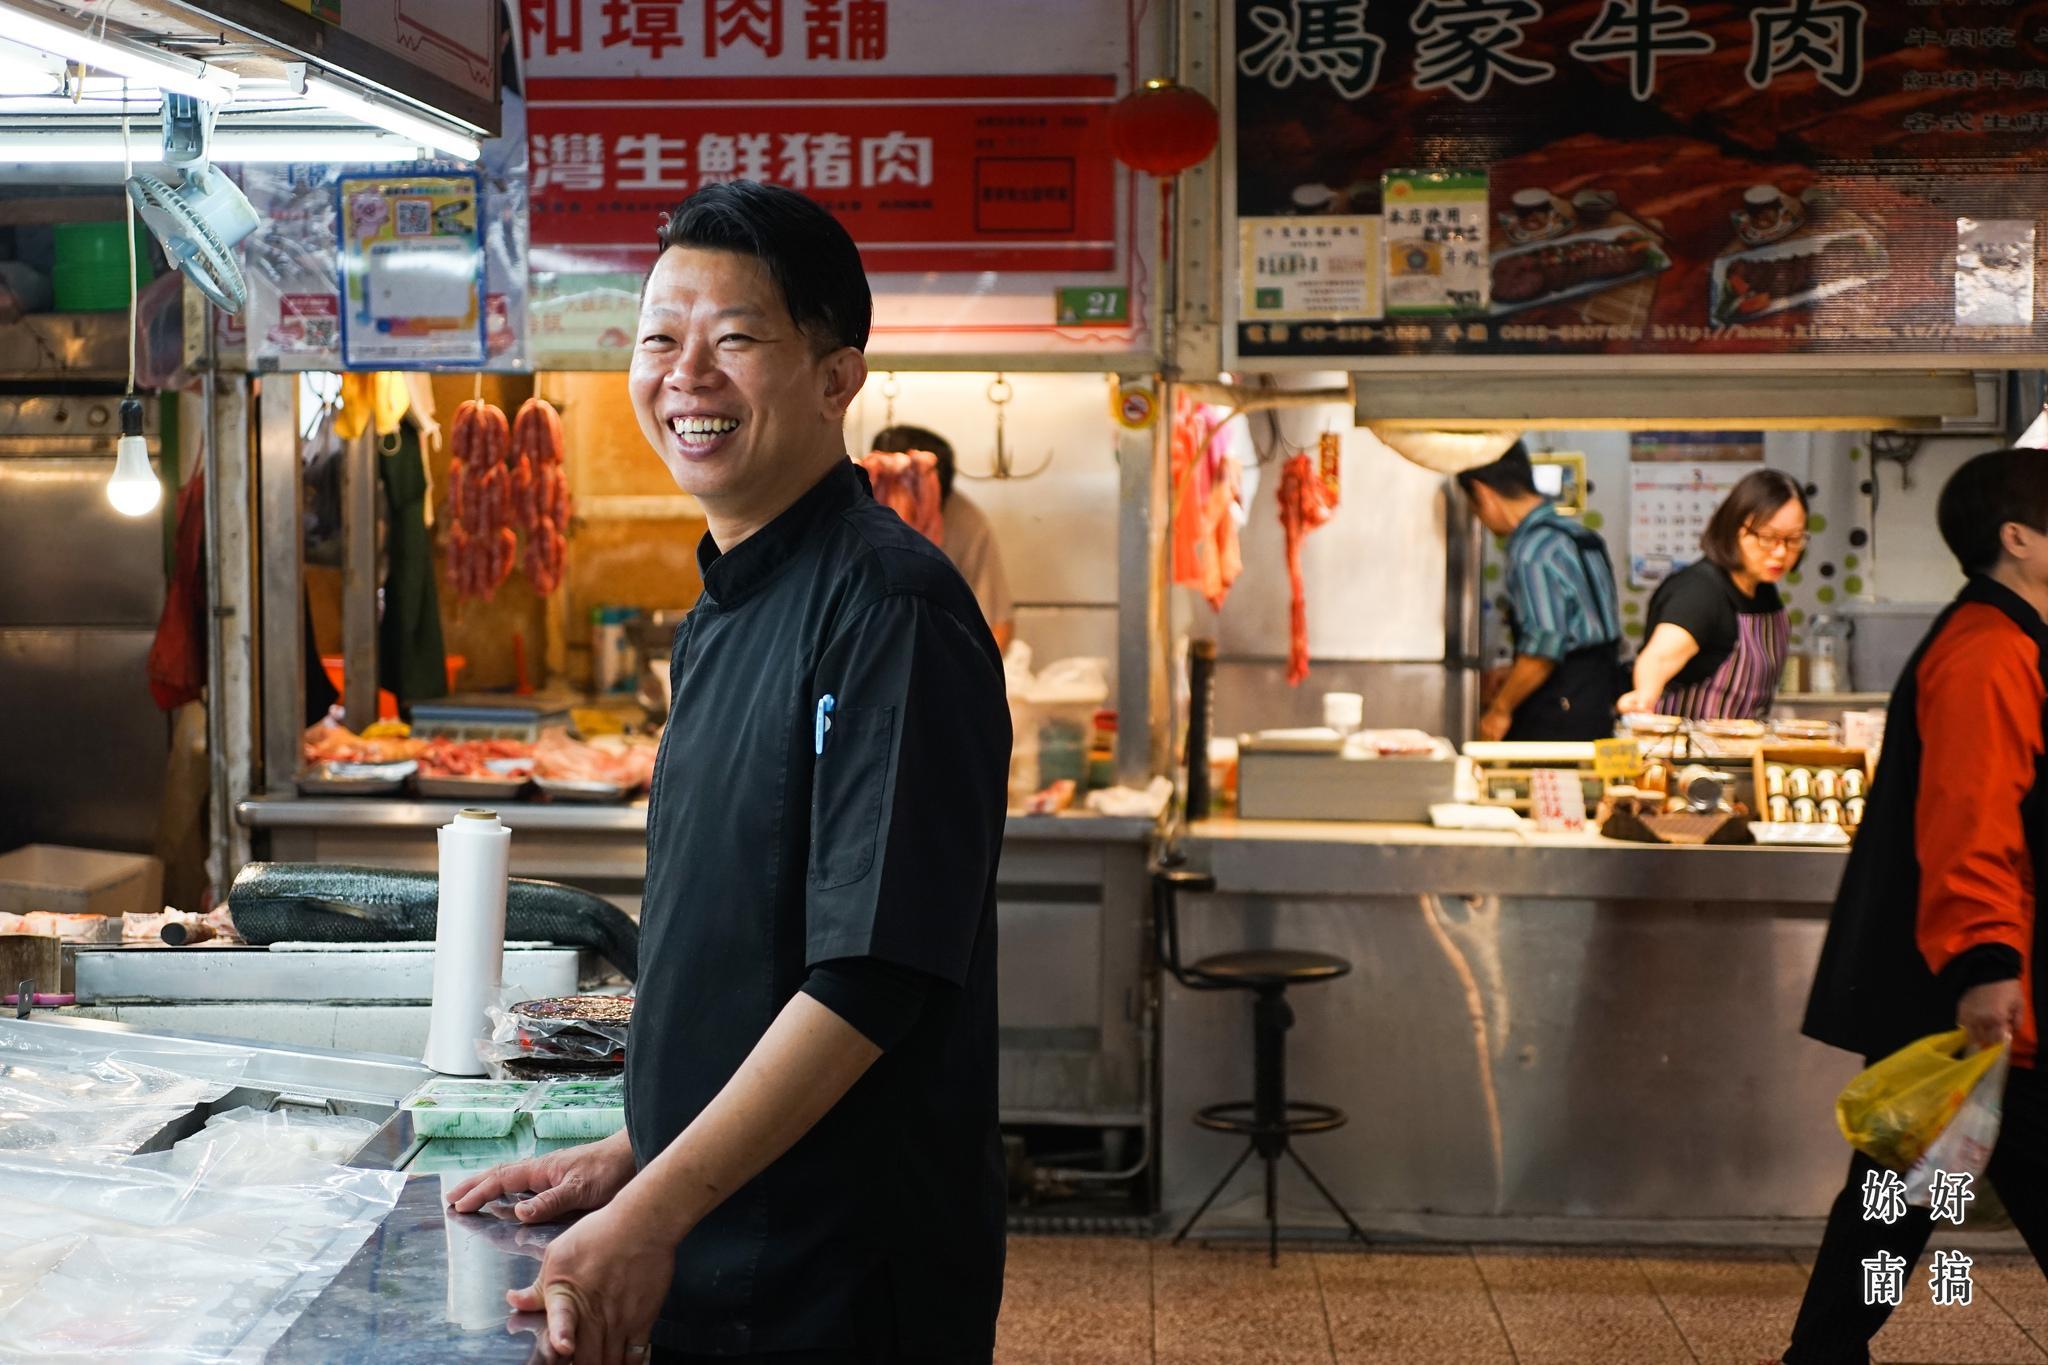 東菜市旅行-cheftable市場-01-妳好南搞